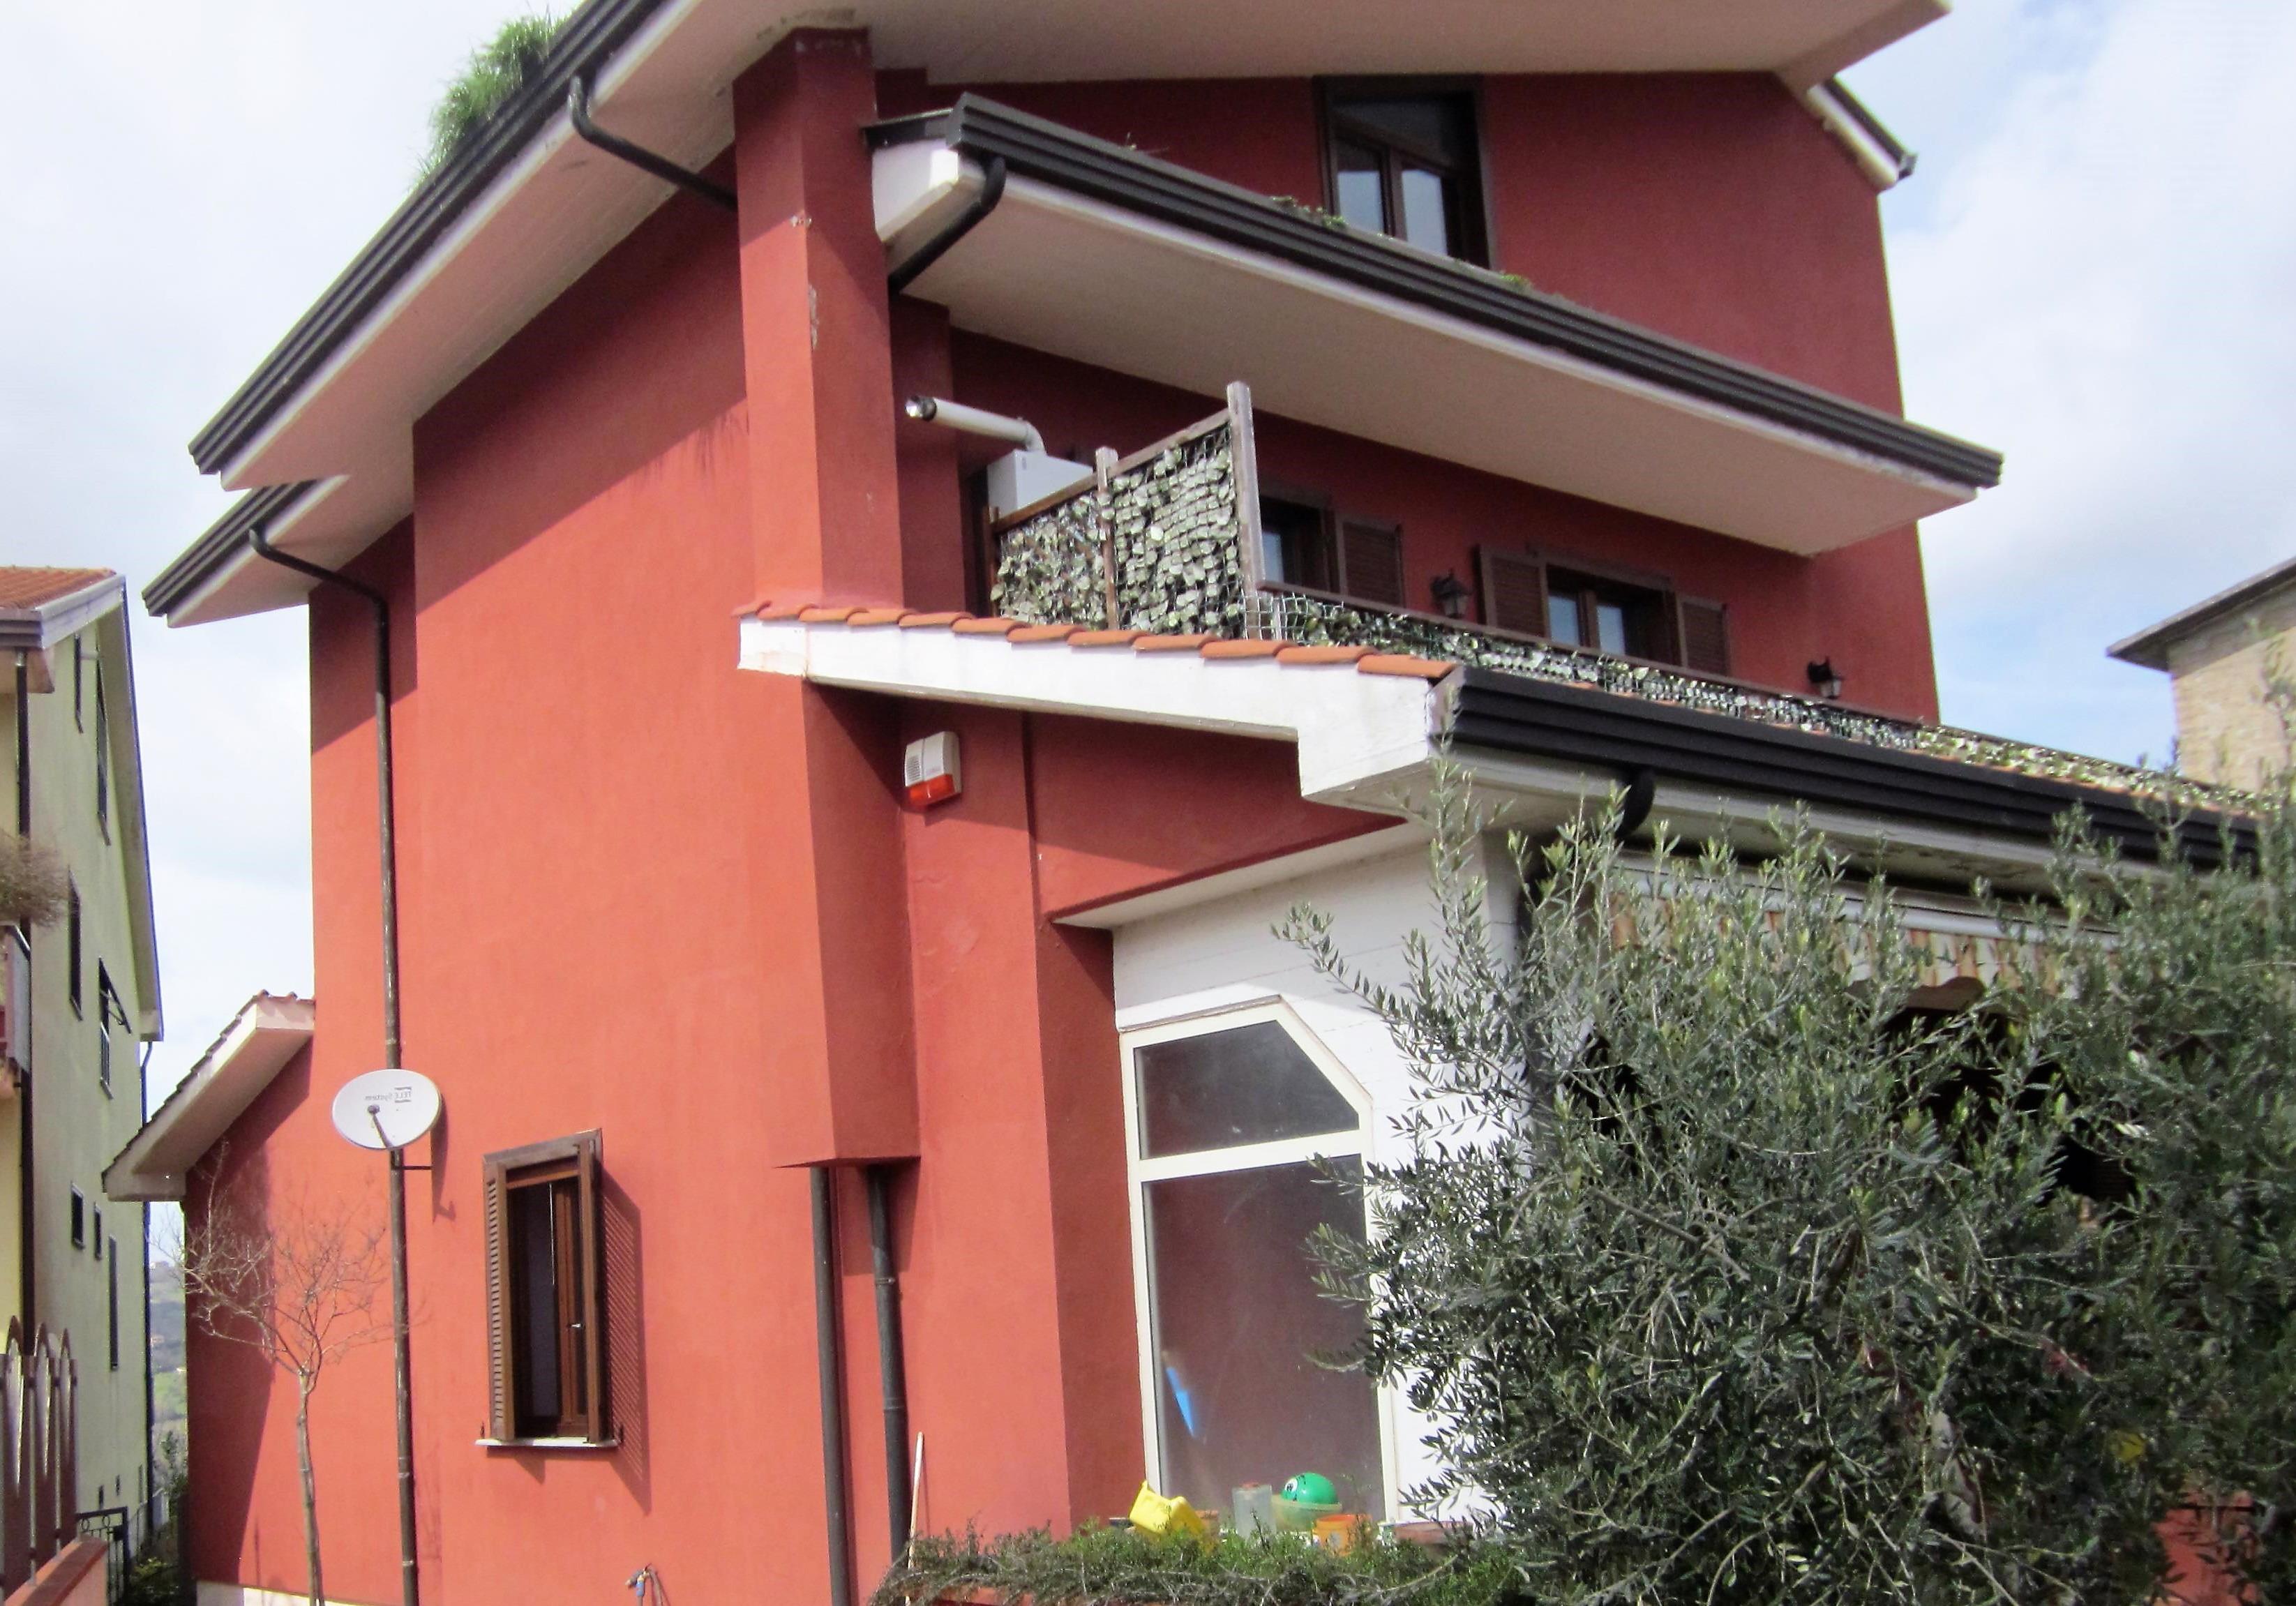 Pratola Serra (AV)